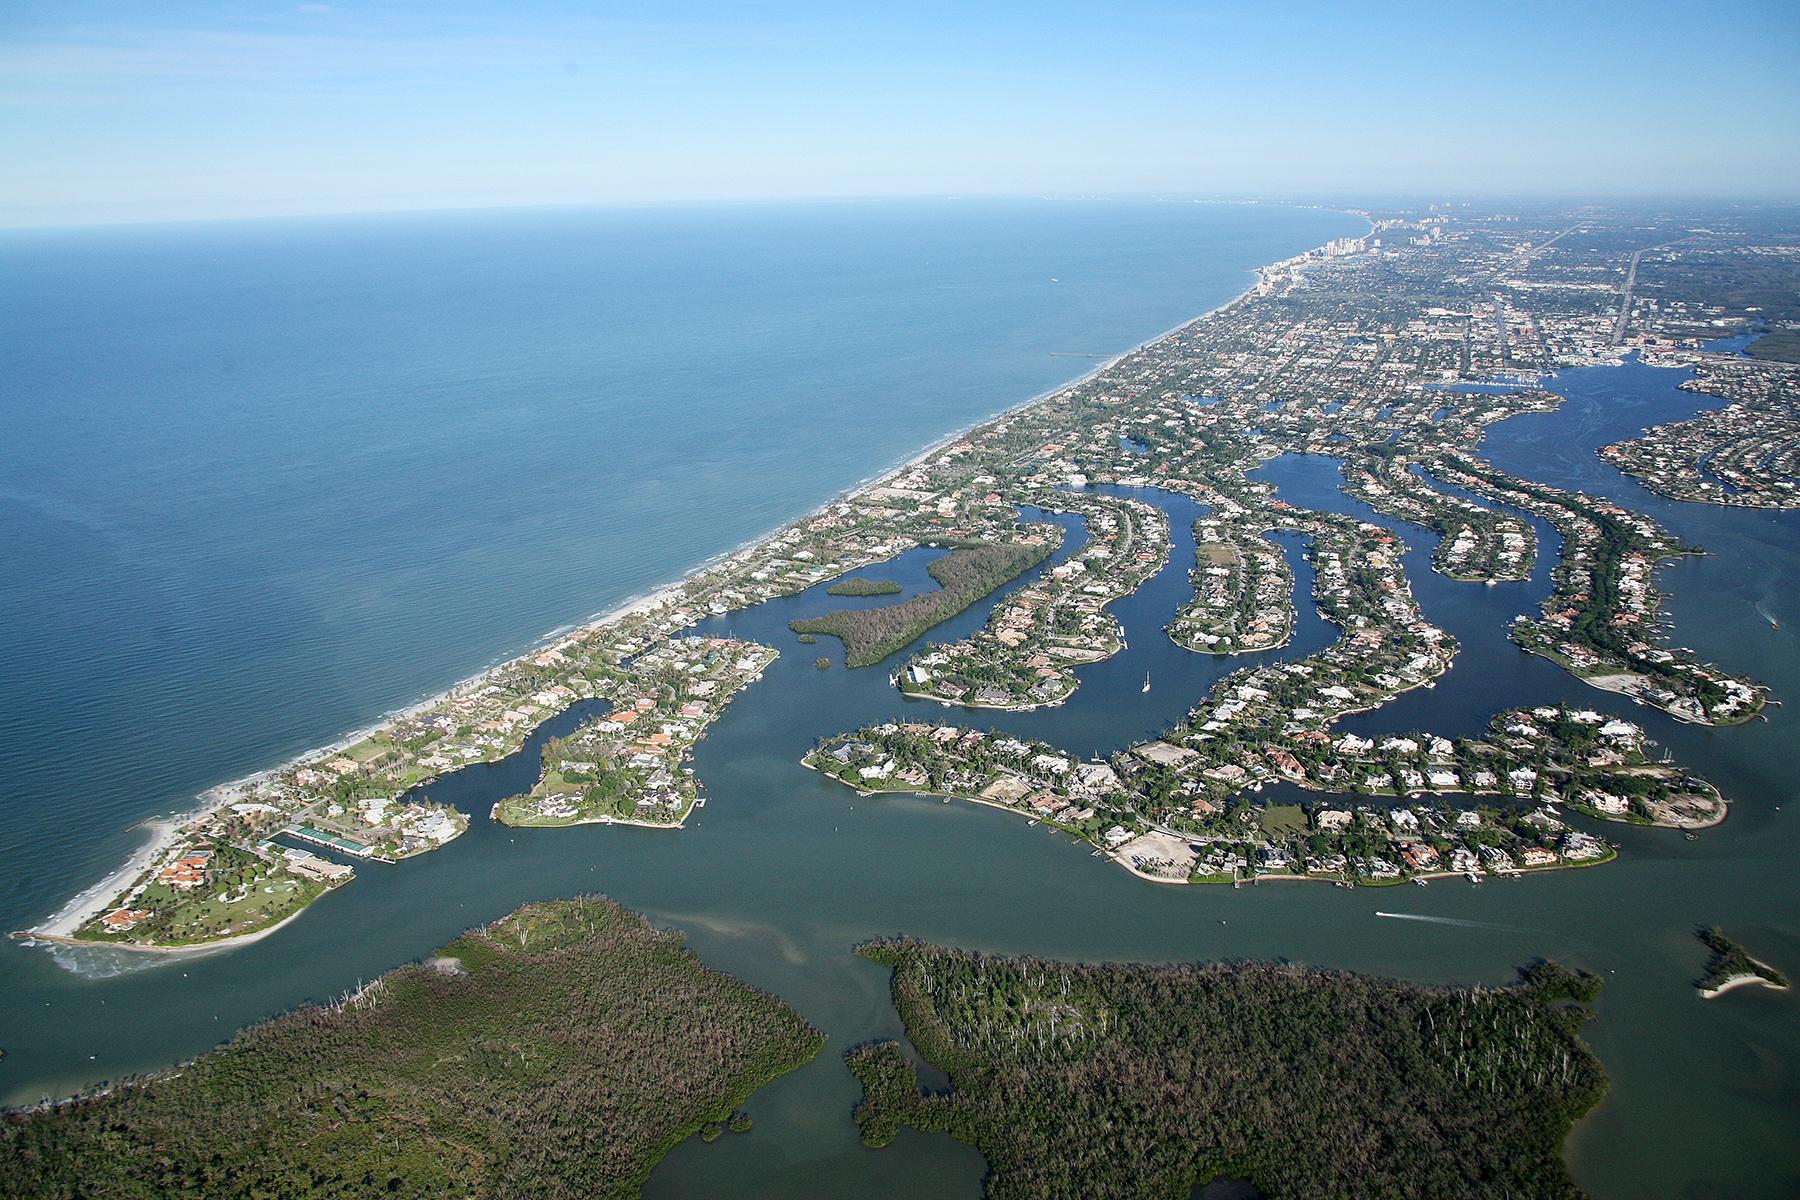 Maison unifamiliale pour l Vente à PORT ROYAL 746 & 770 SPYGLASS Ln Naples, Florida 34103 États-Unis